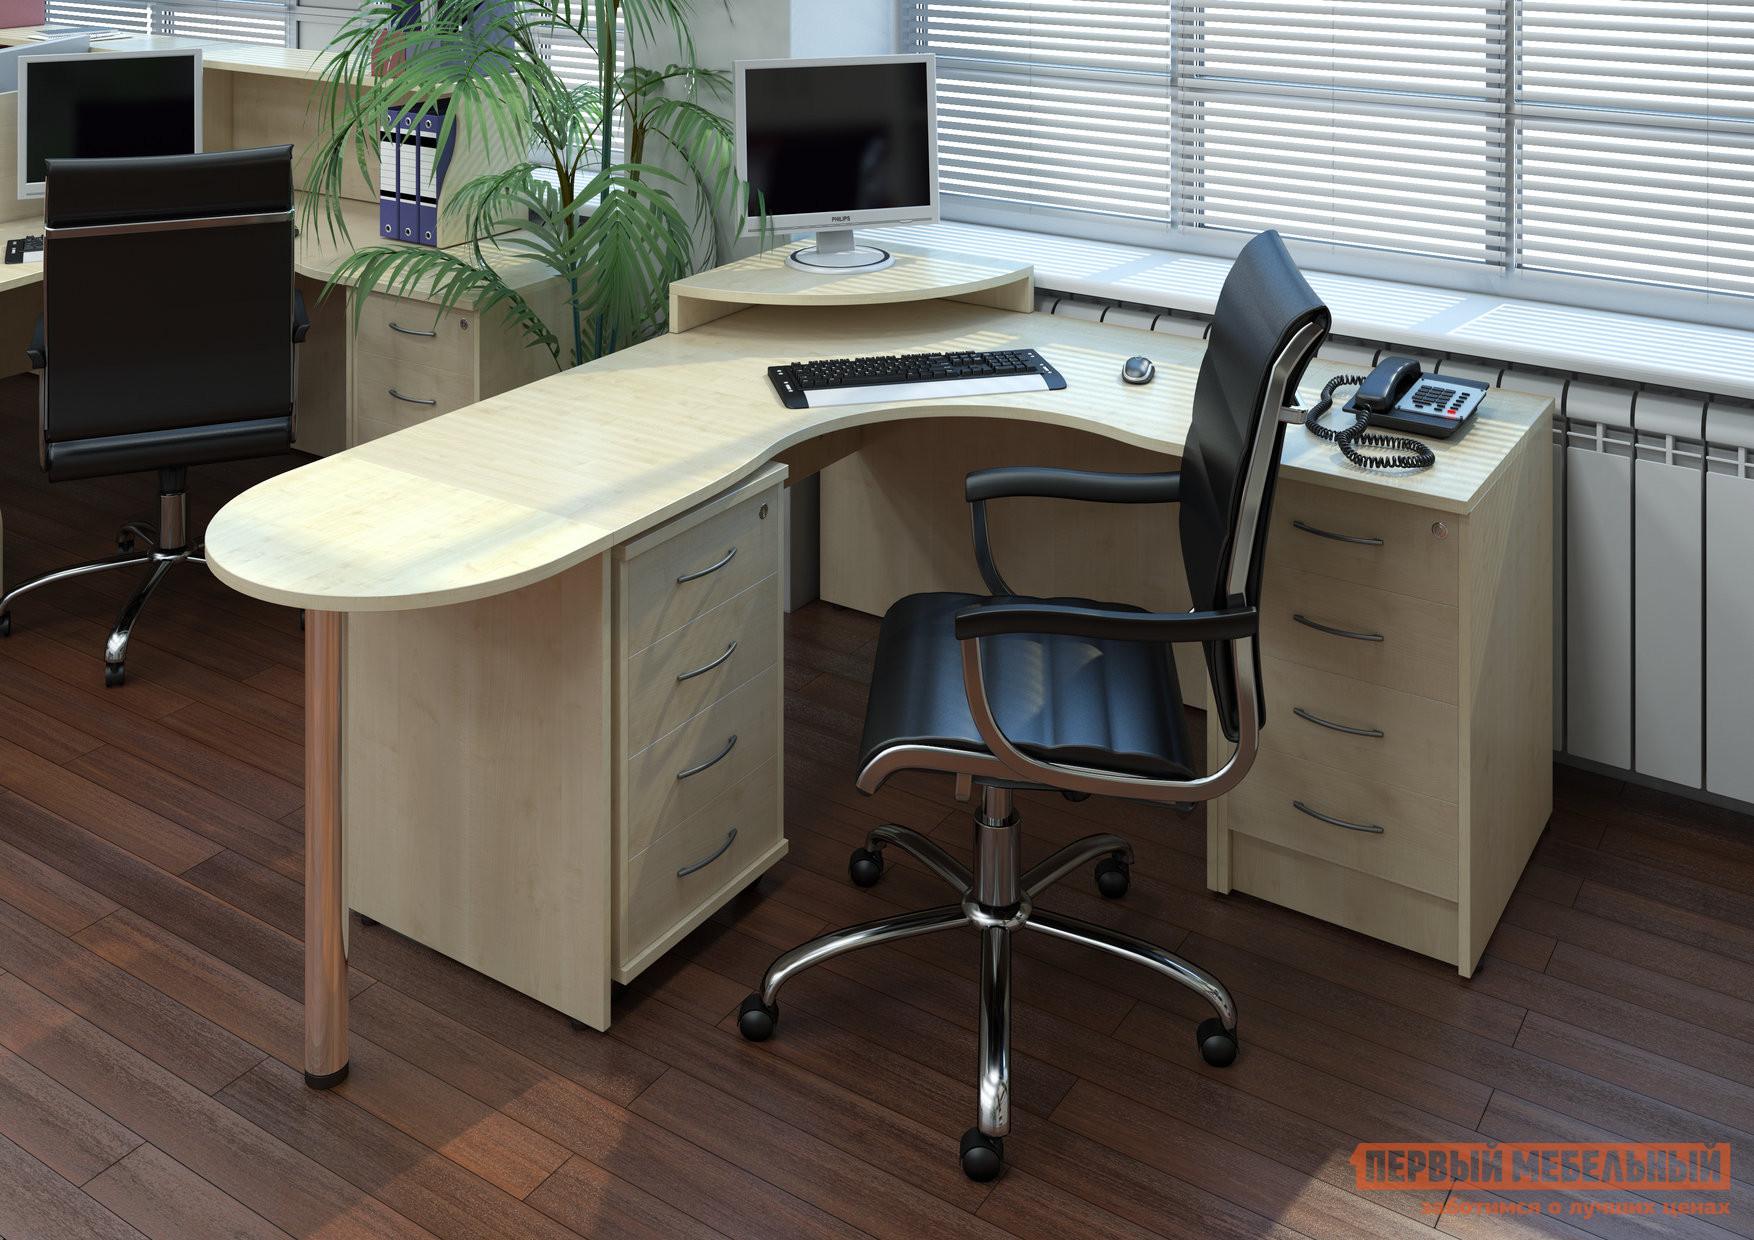 Комплект офисной мебели Riva Рива Клен К1 комплект офисной мебели riva рива клен к1